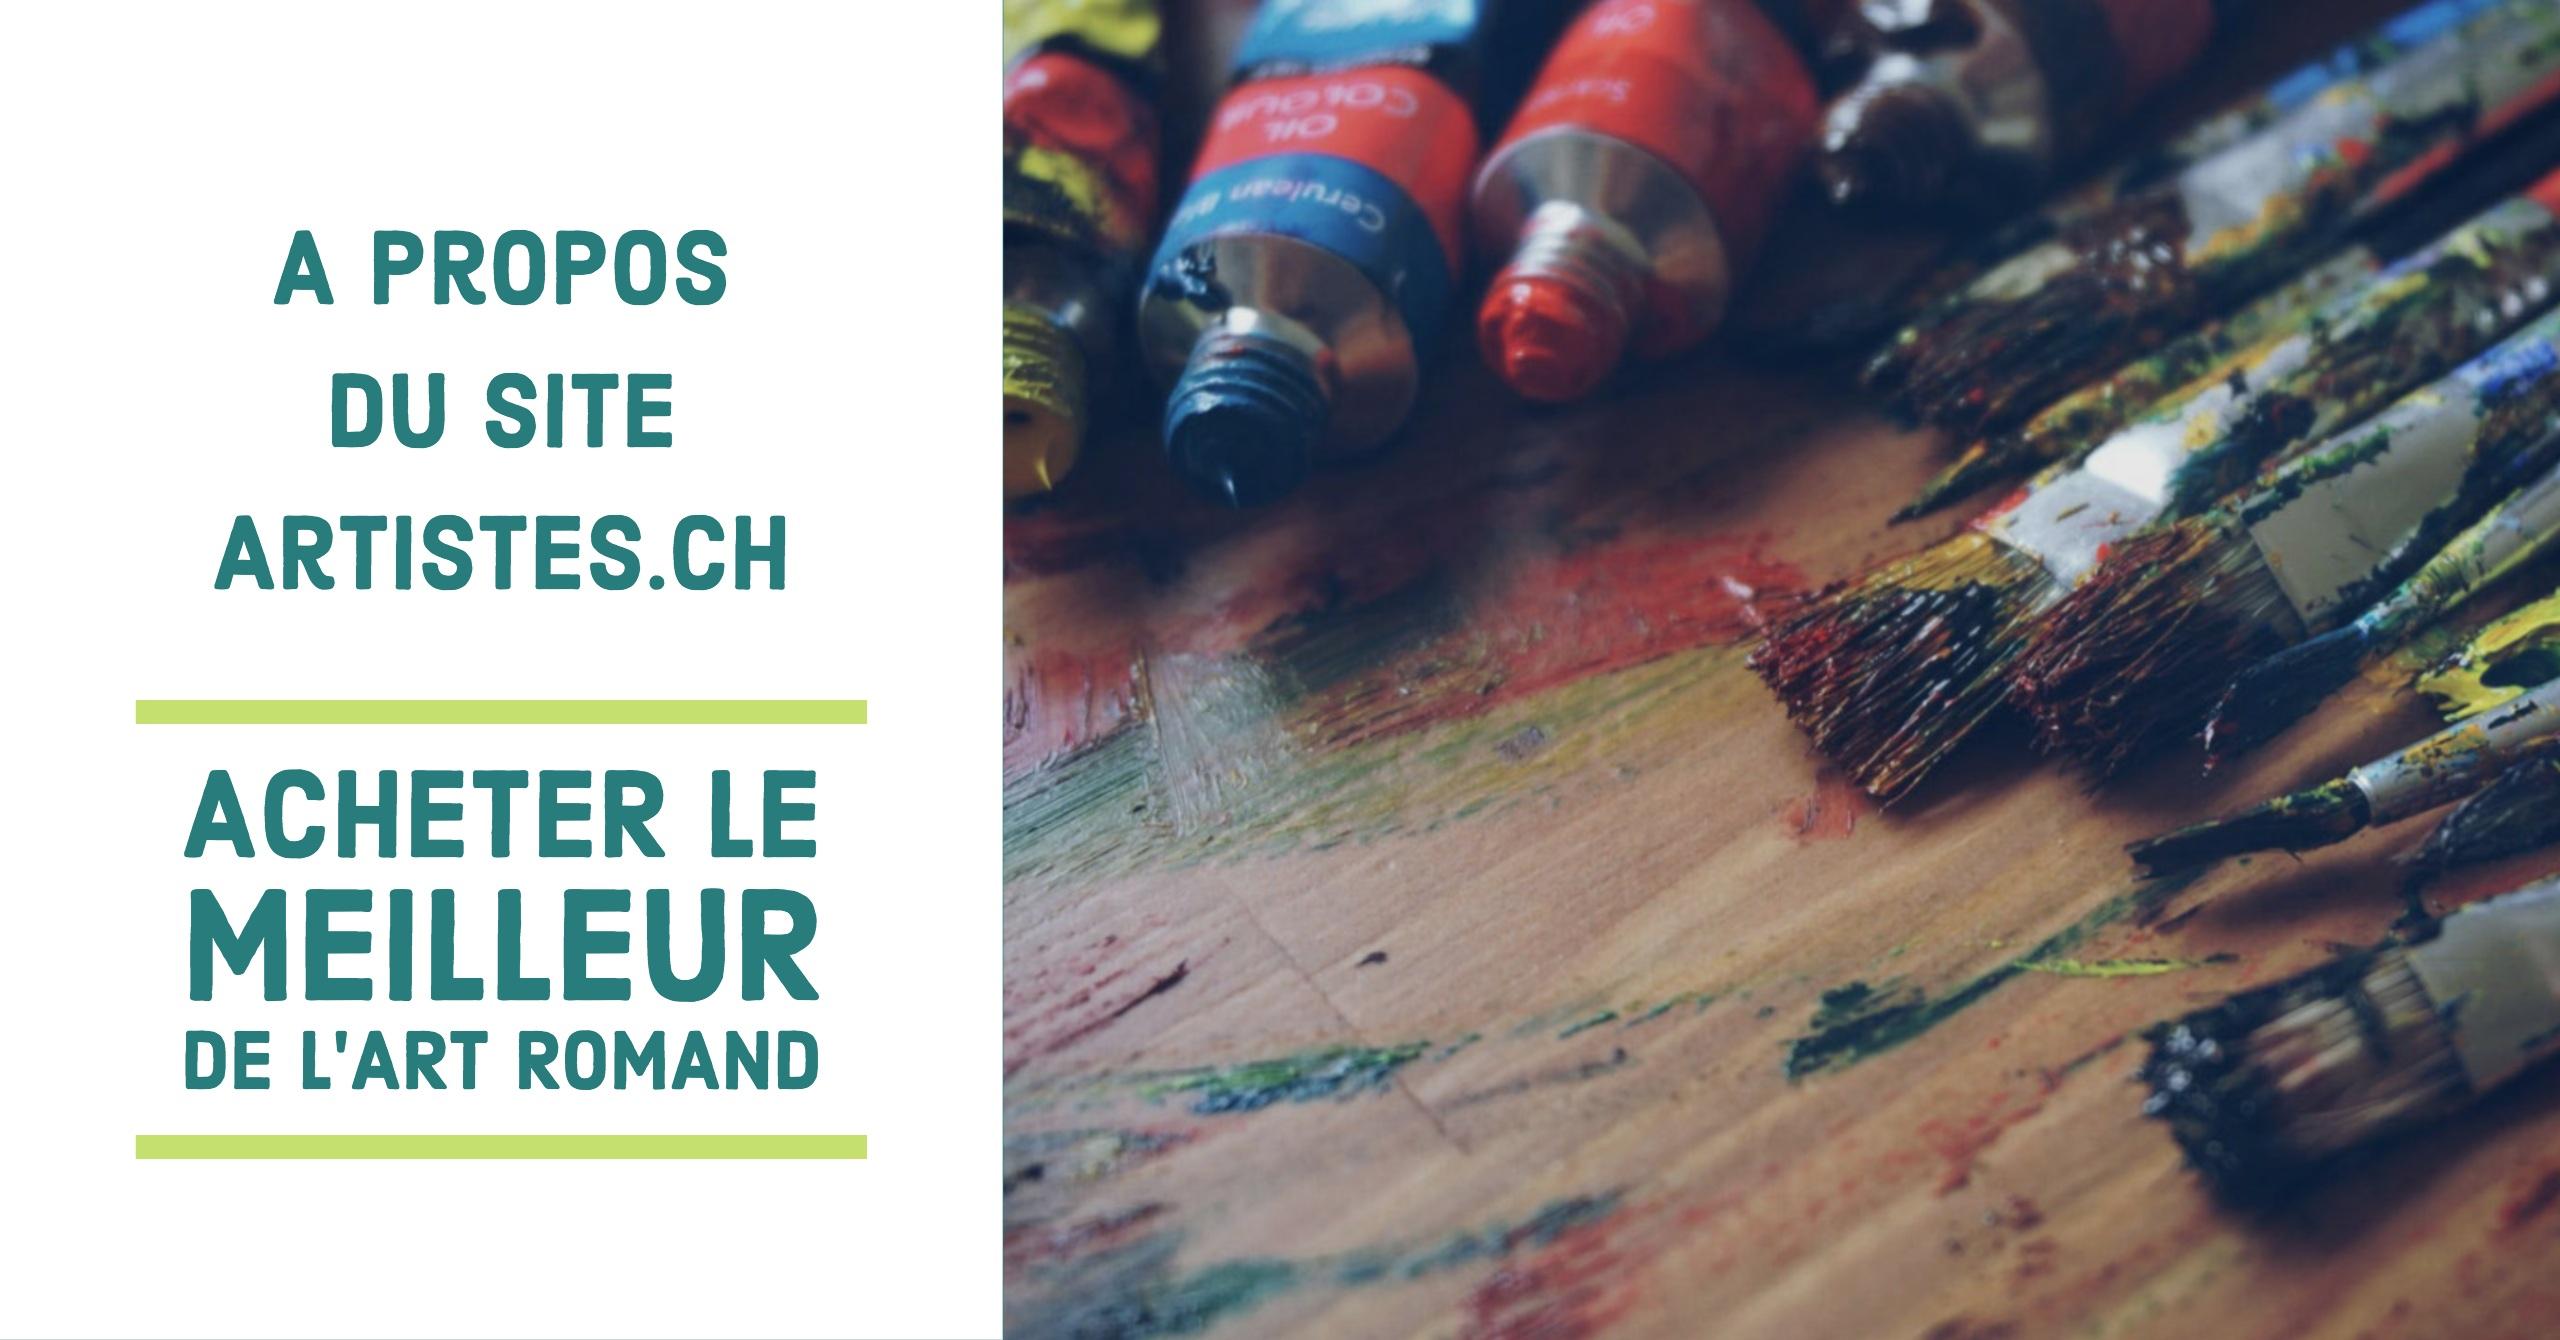 A propos de Artistes.ch